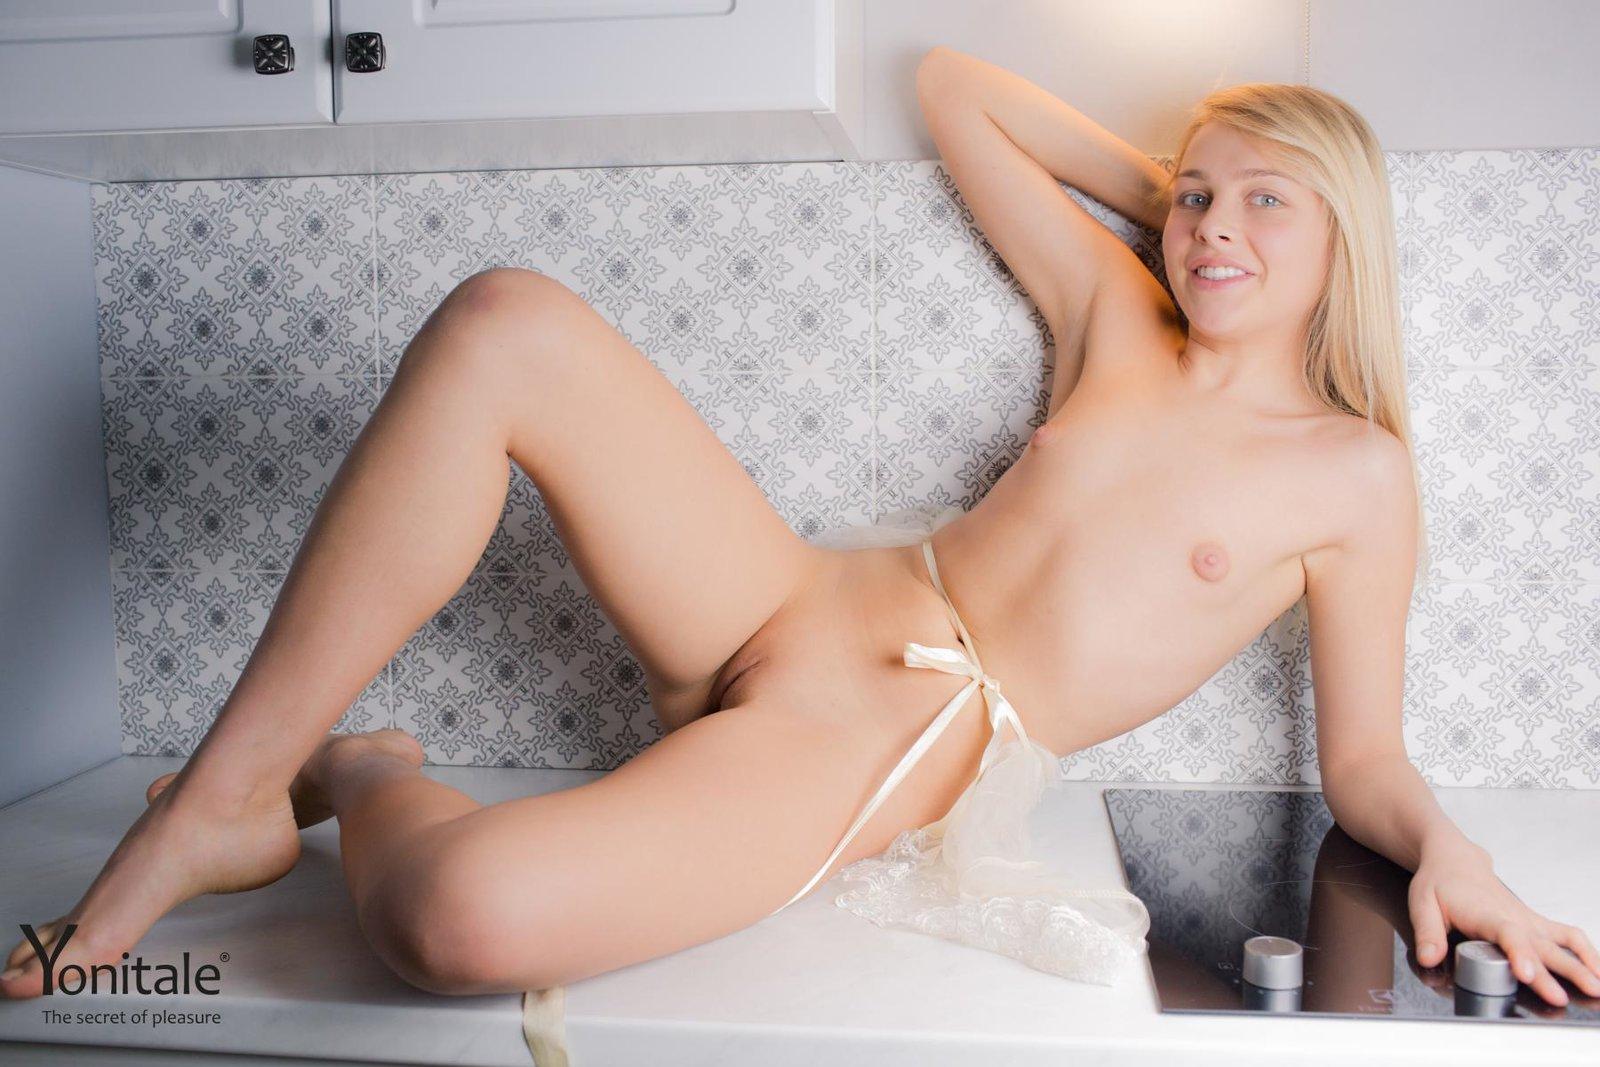 Светловолосая девушка с мелкой грудью ласкает ухоженную вагину секс фото